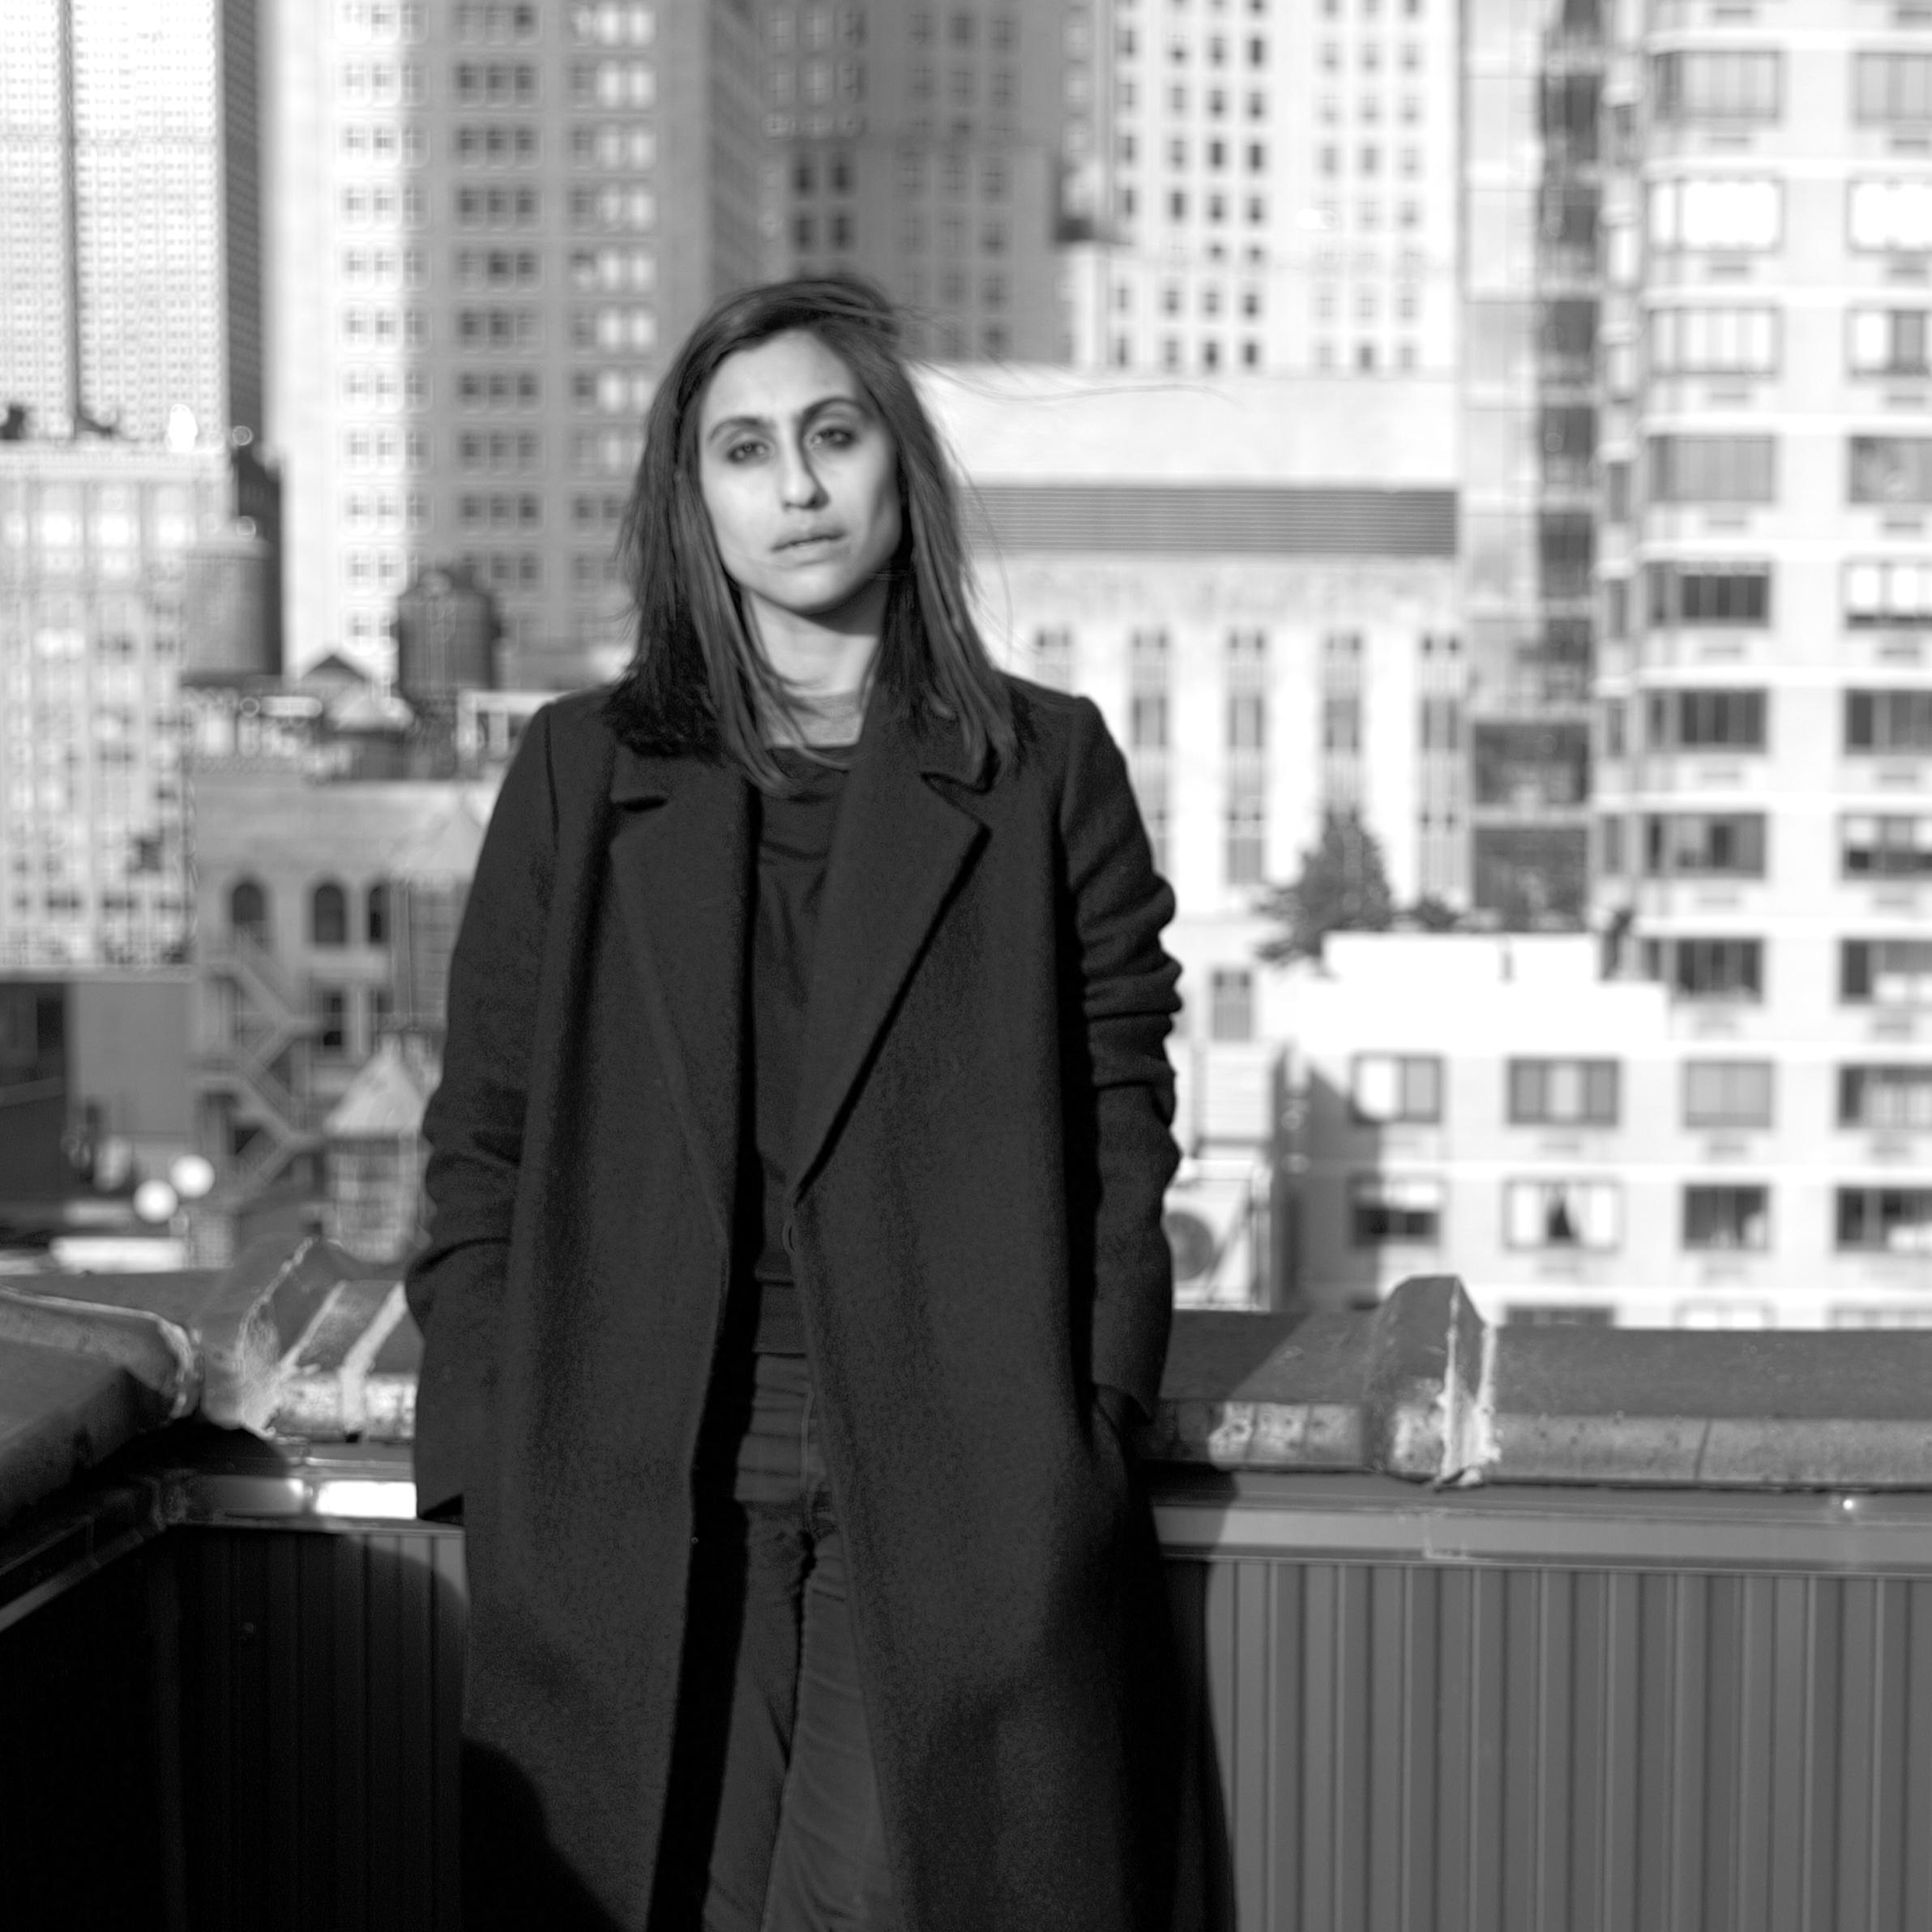 Credit: Brooklyn Magazine